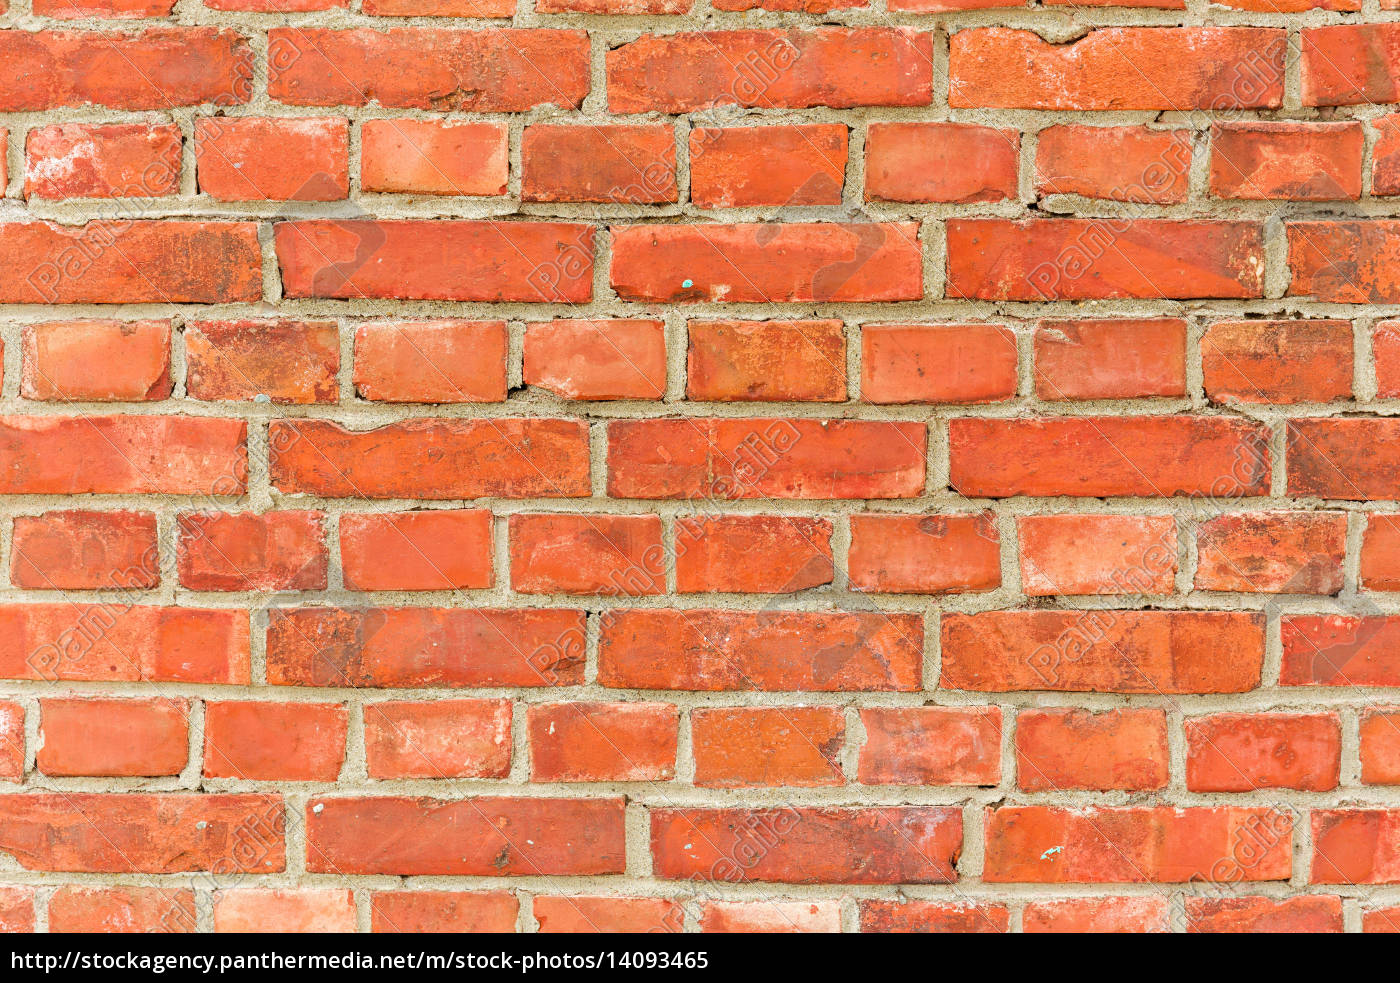 rote backsteinmauer hintergrund - Lizenzfreies Bild ...